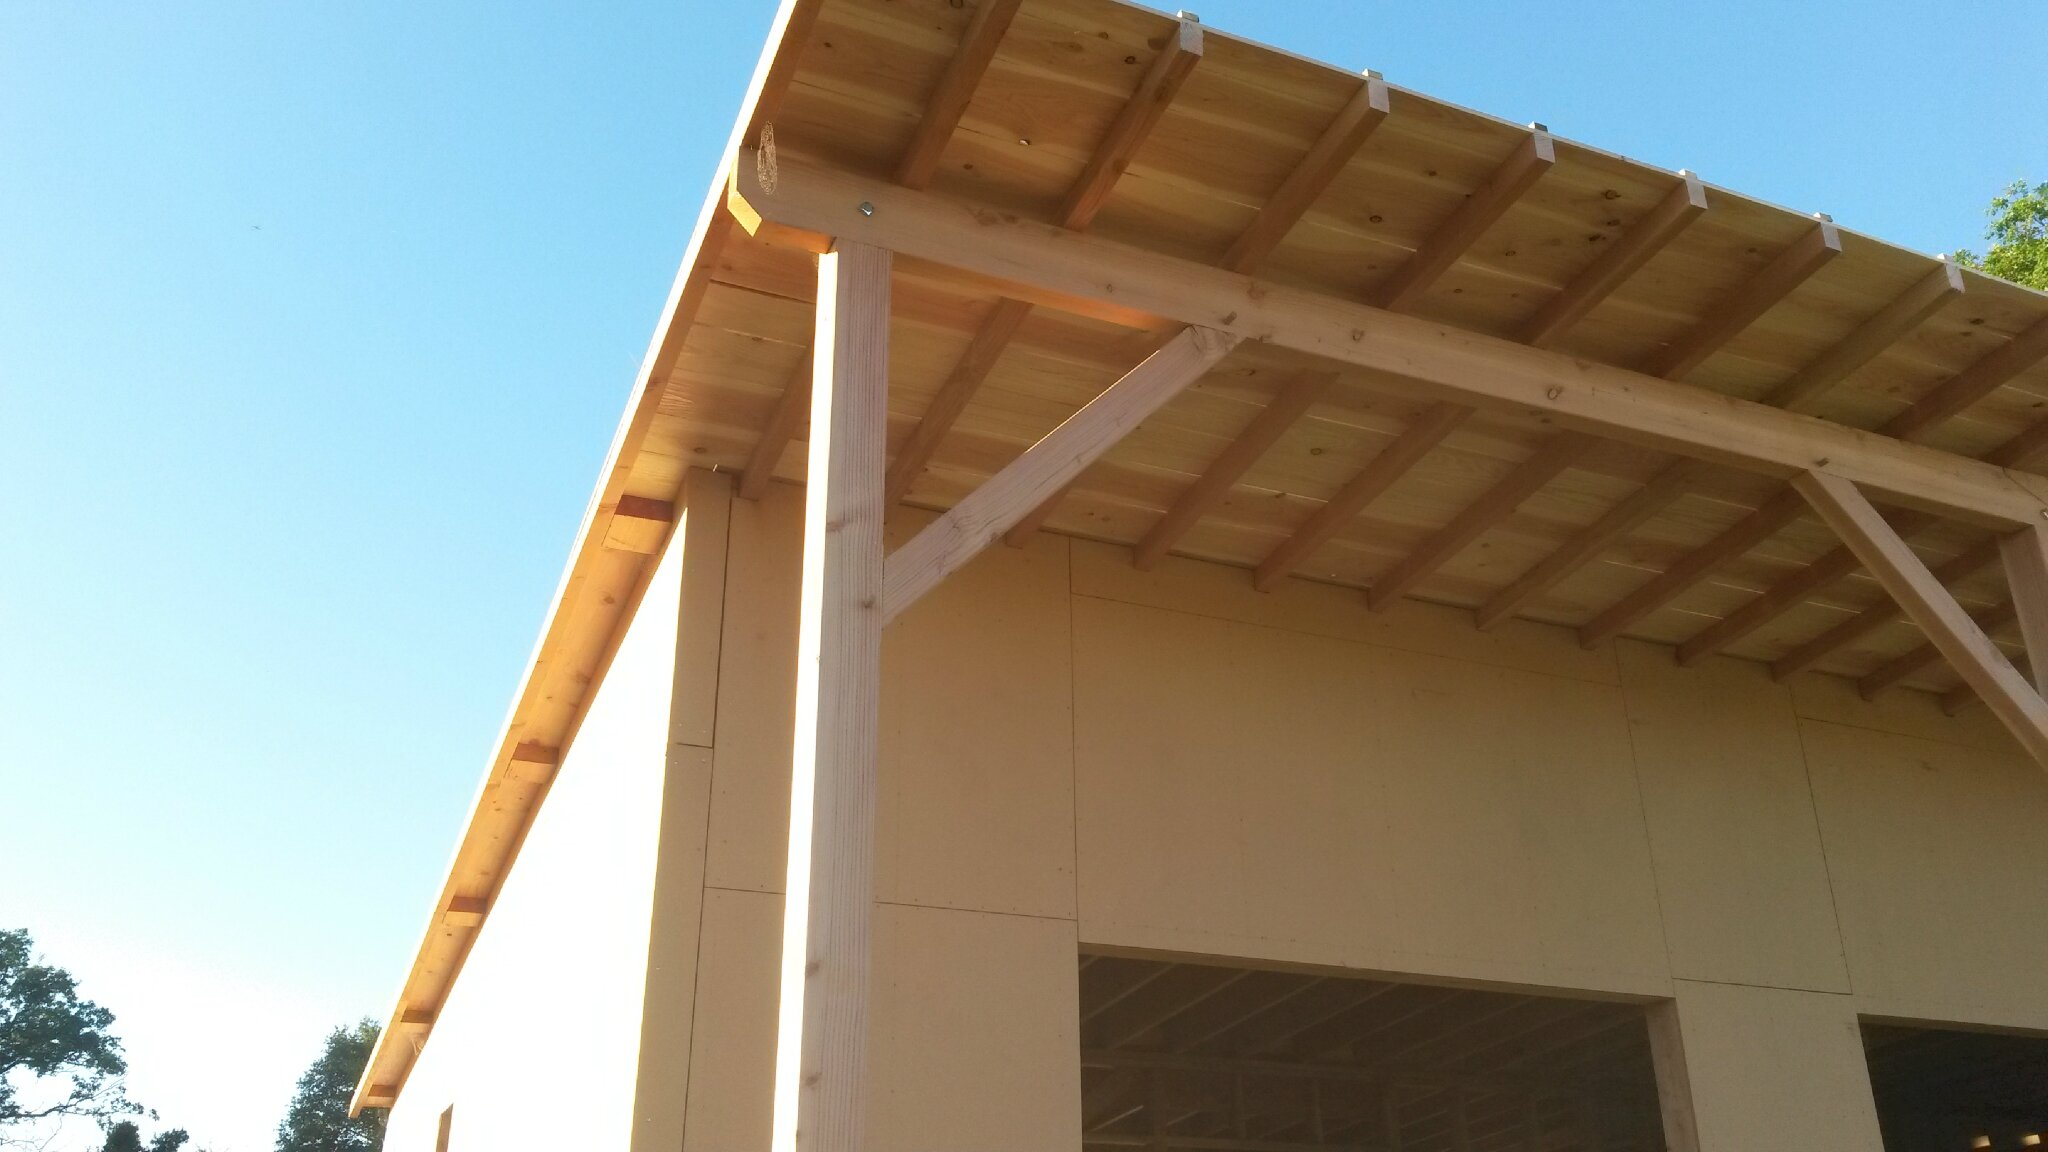 L 39 ossature bois notre projet de maison passive montreuil bonnin 86 - Comment couvrir une toiture ...